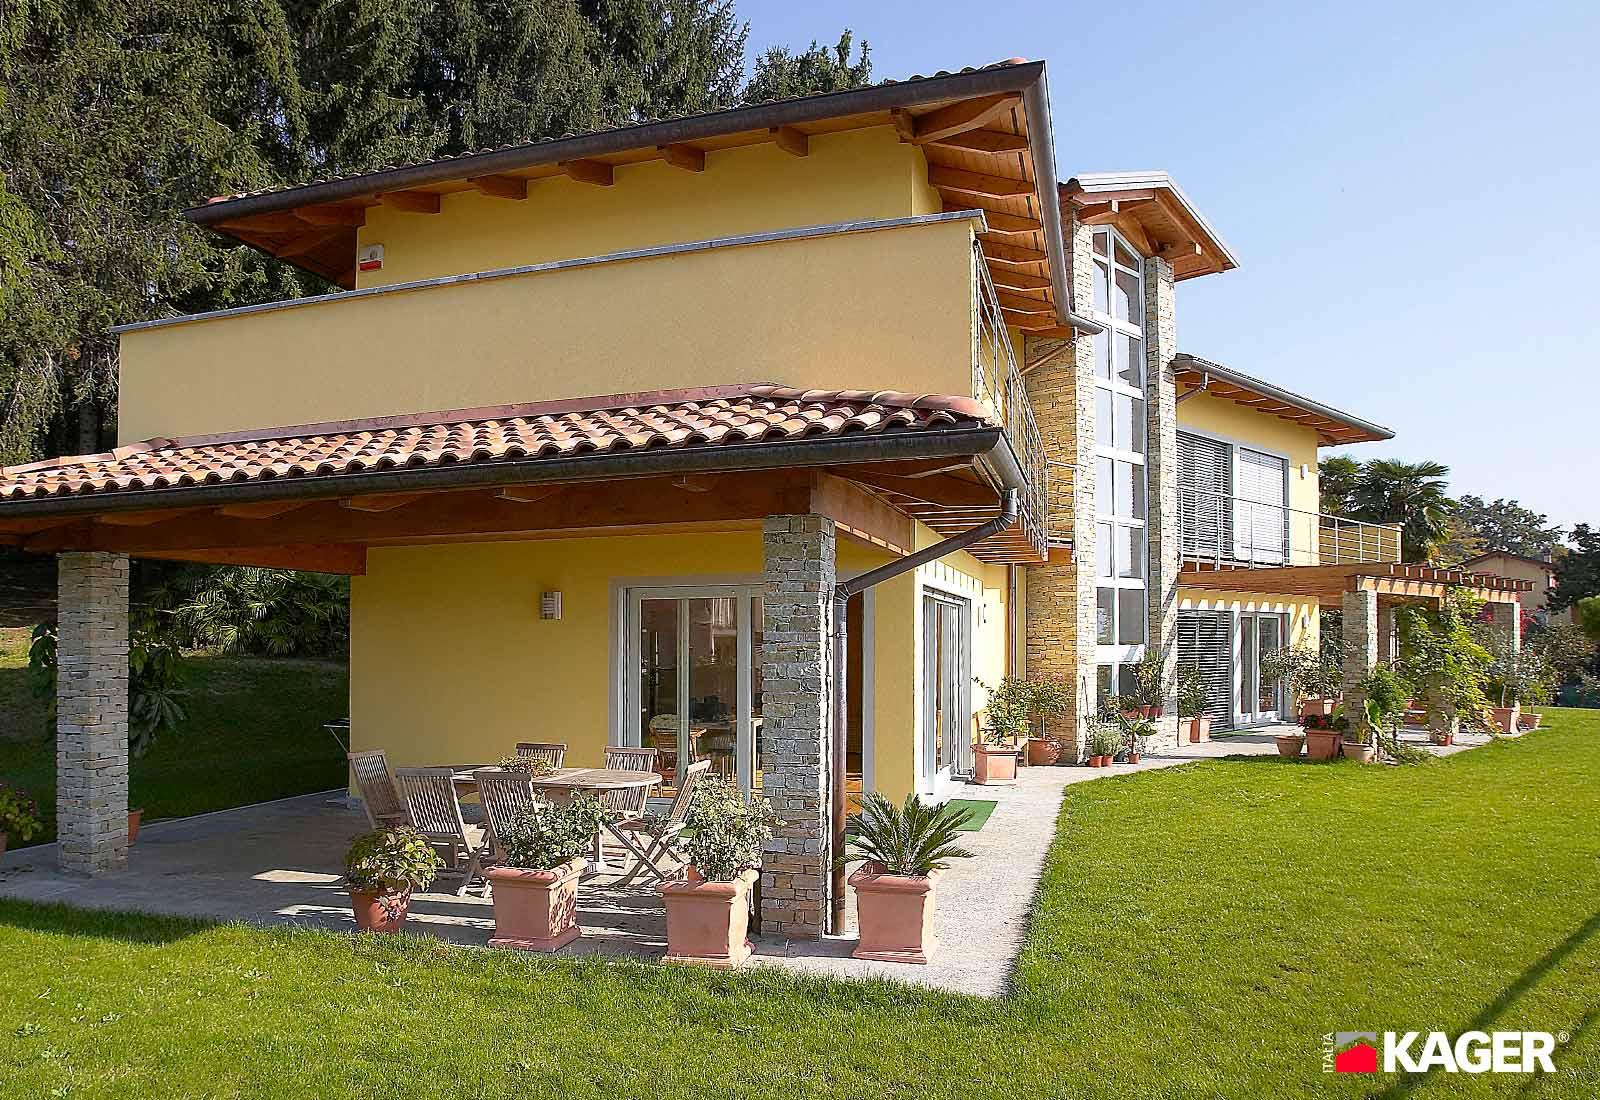 Casa-in-legno-Verbania-Kager-Italia-02